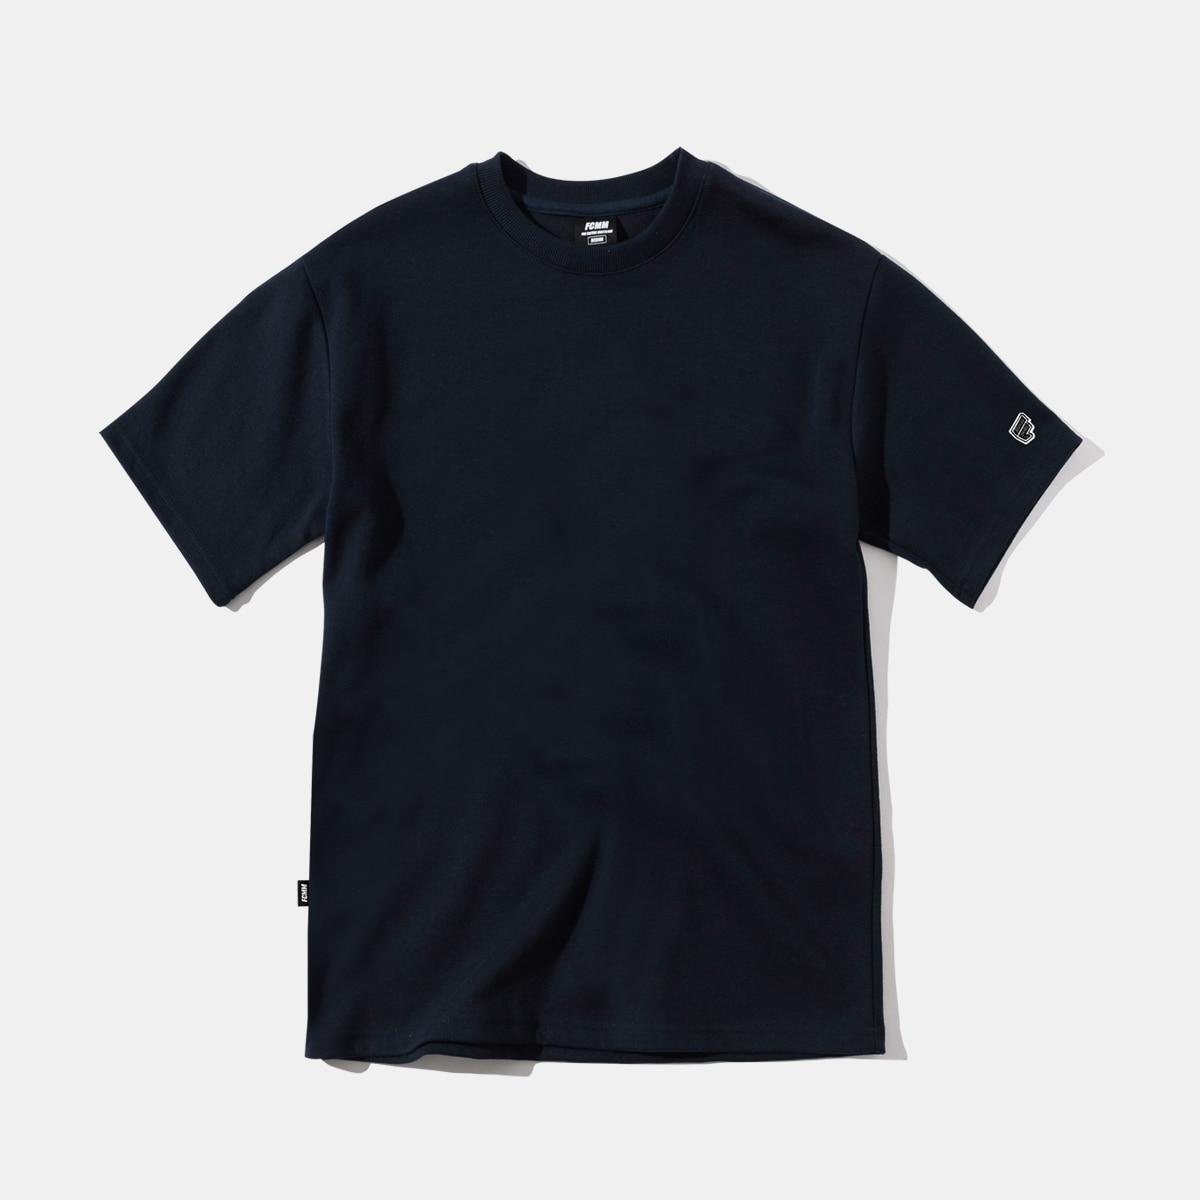 클럽 헤리티지 티셔츠 - 네이비